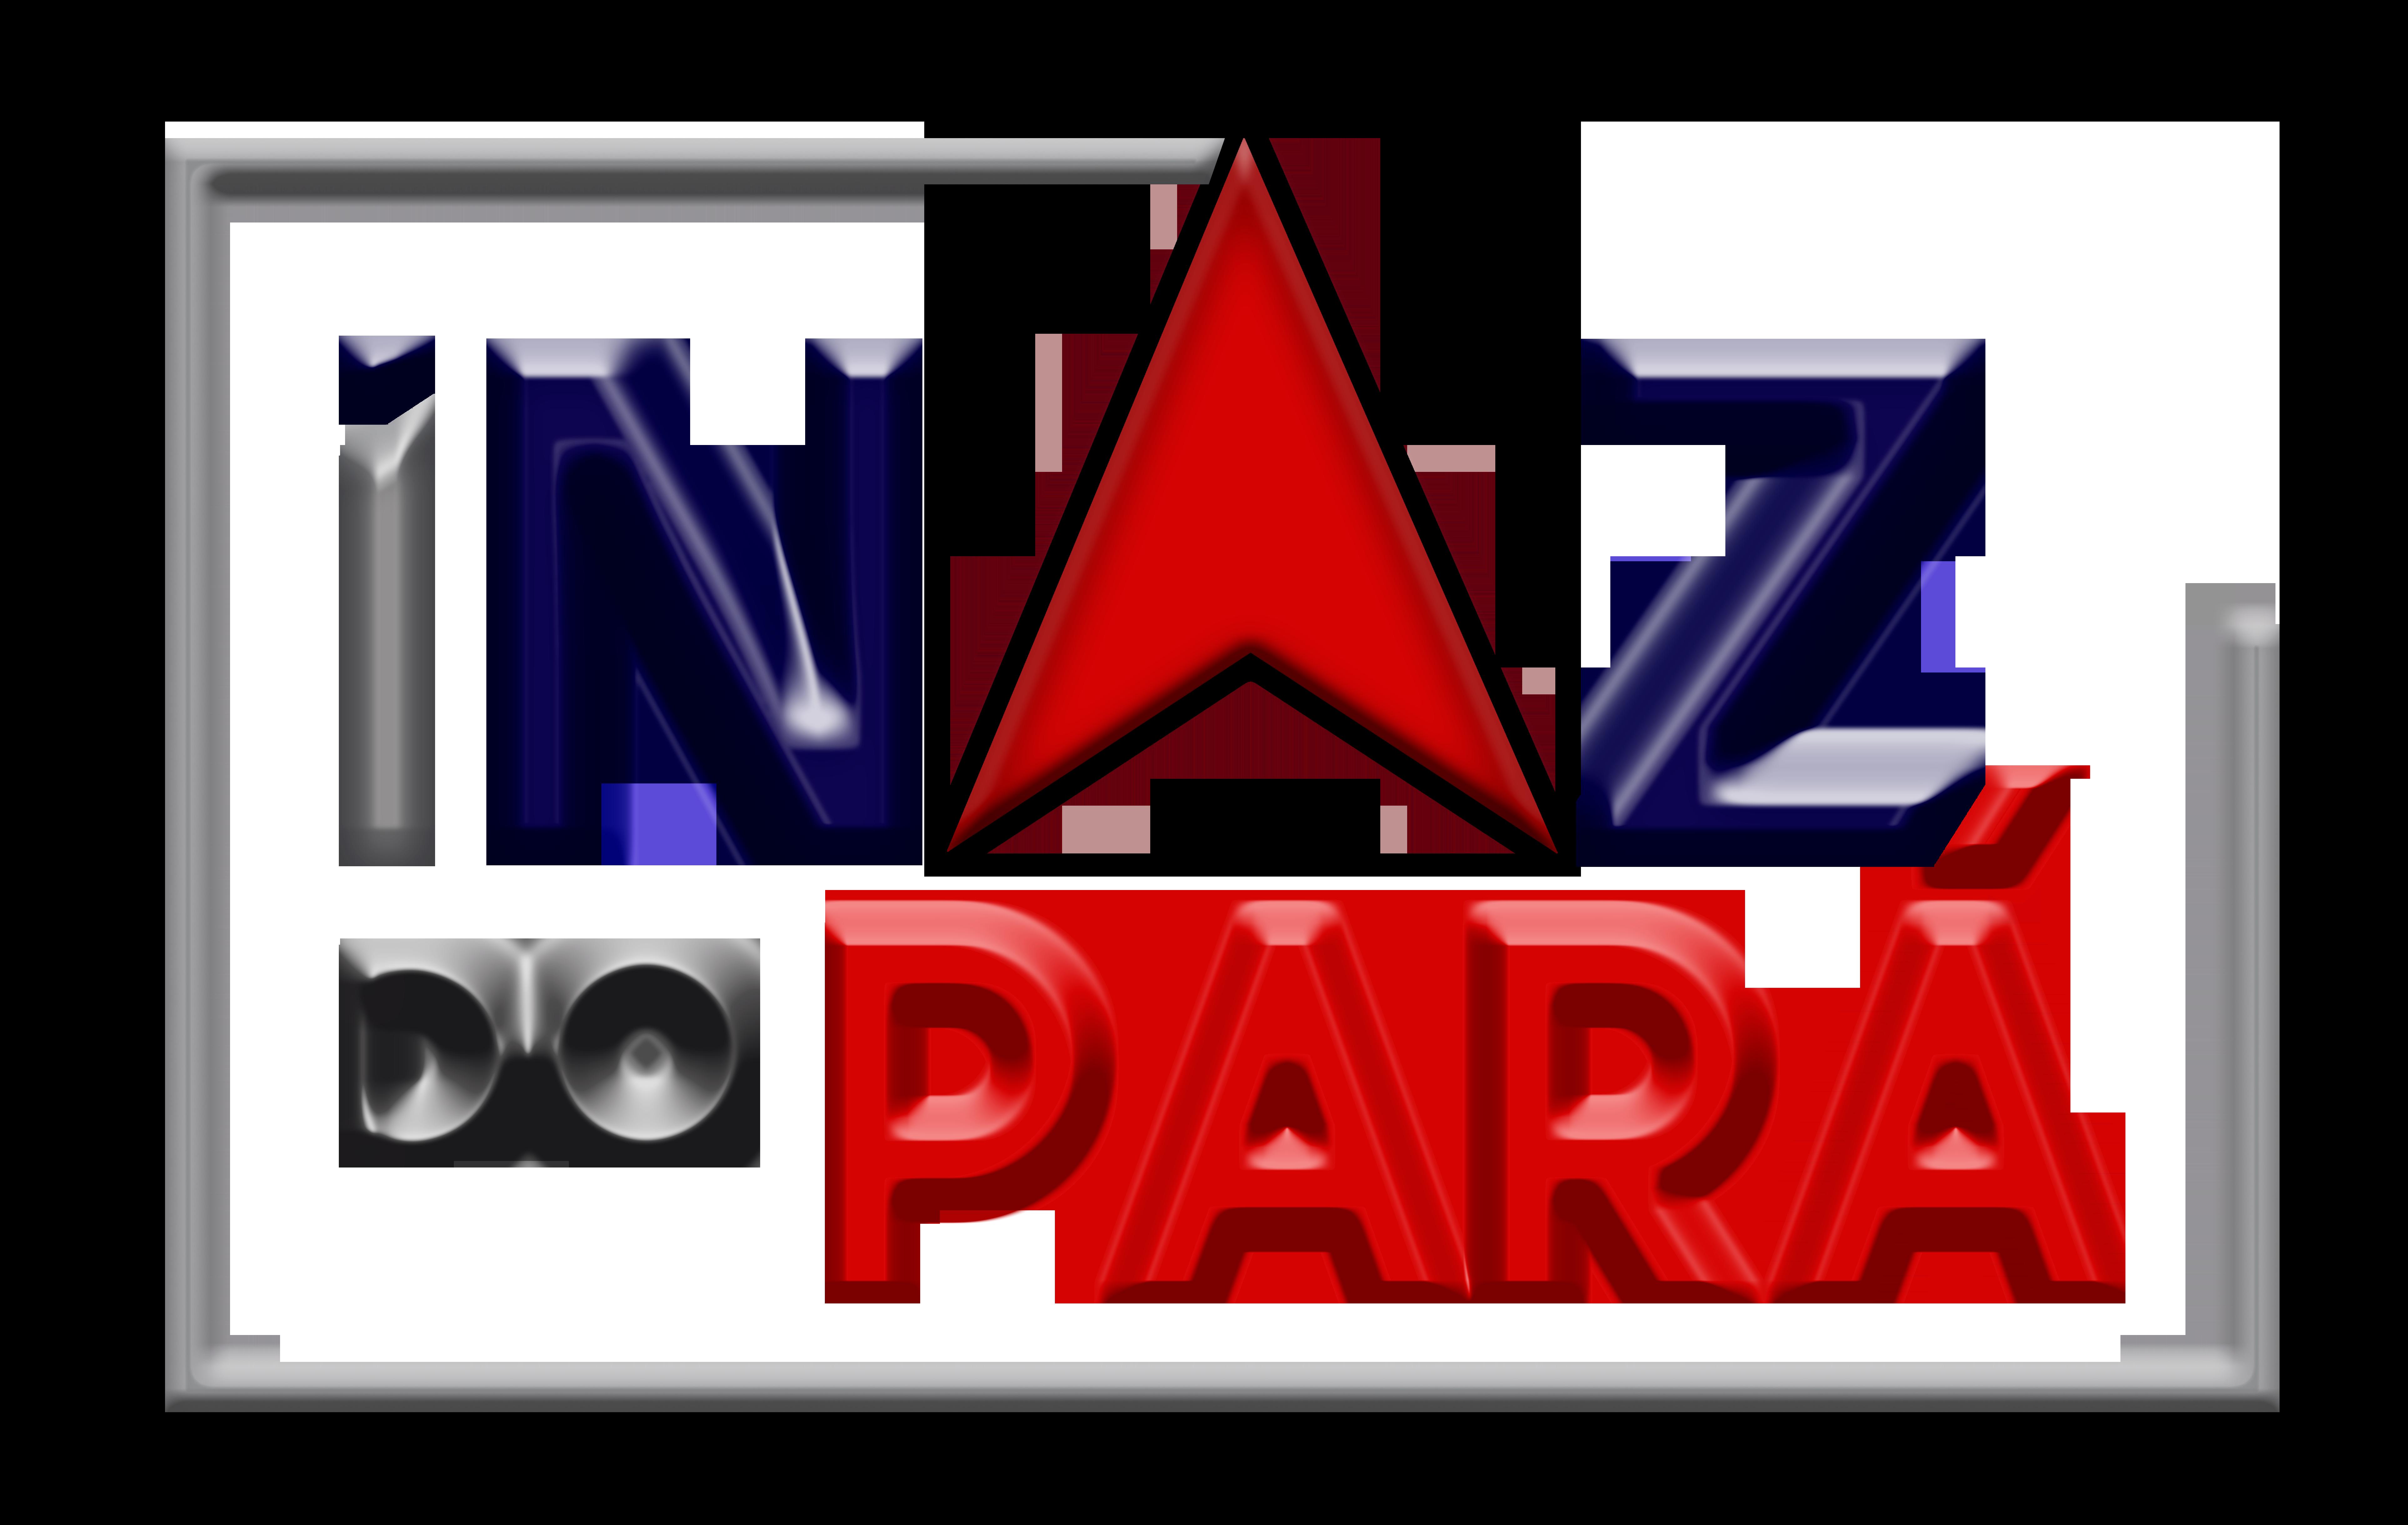 Inaz do Pará